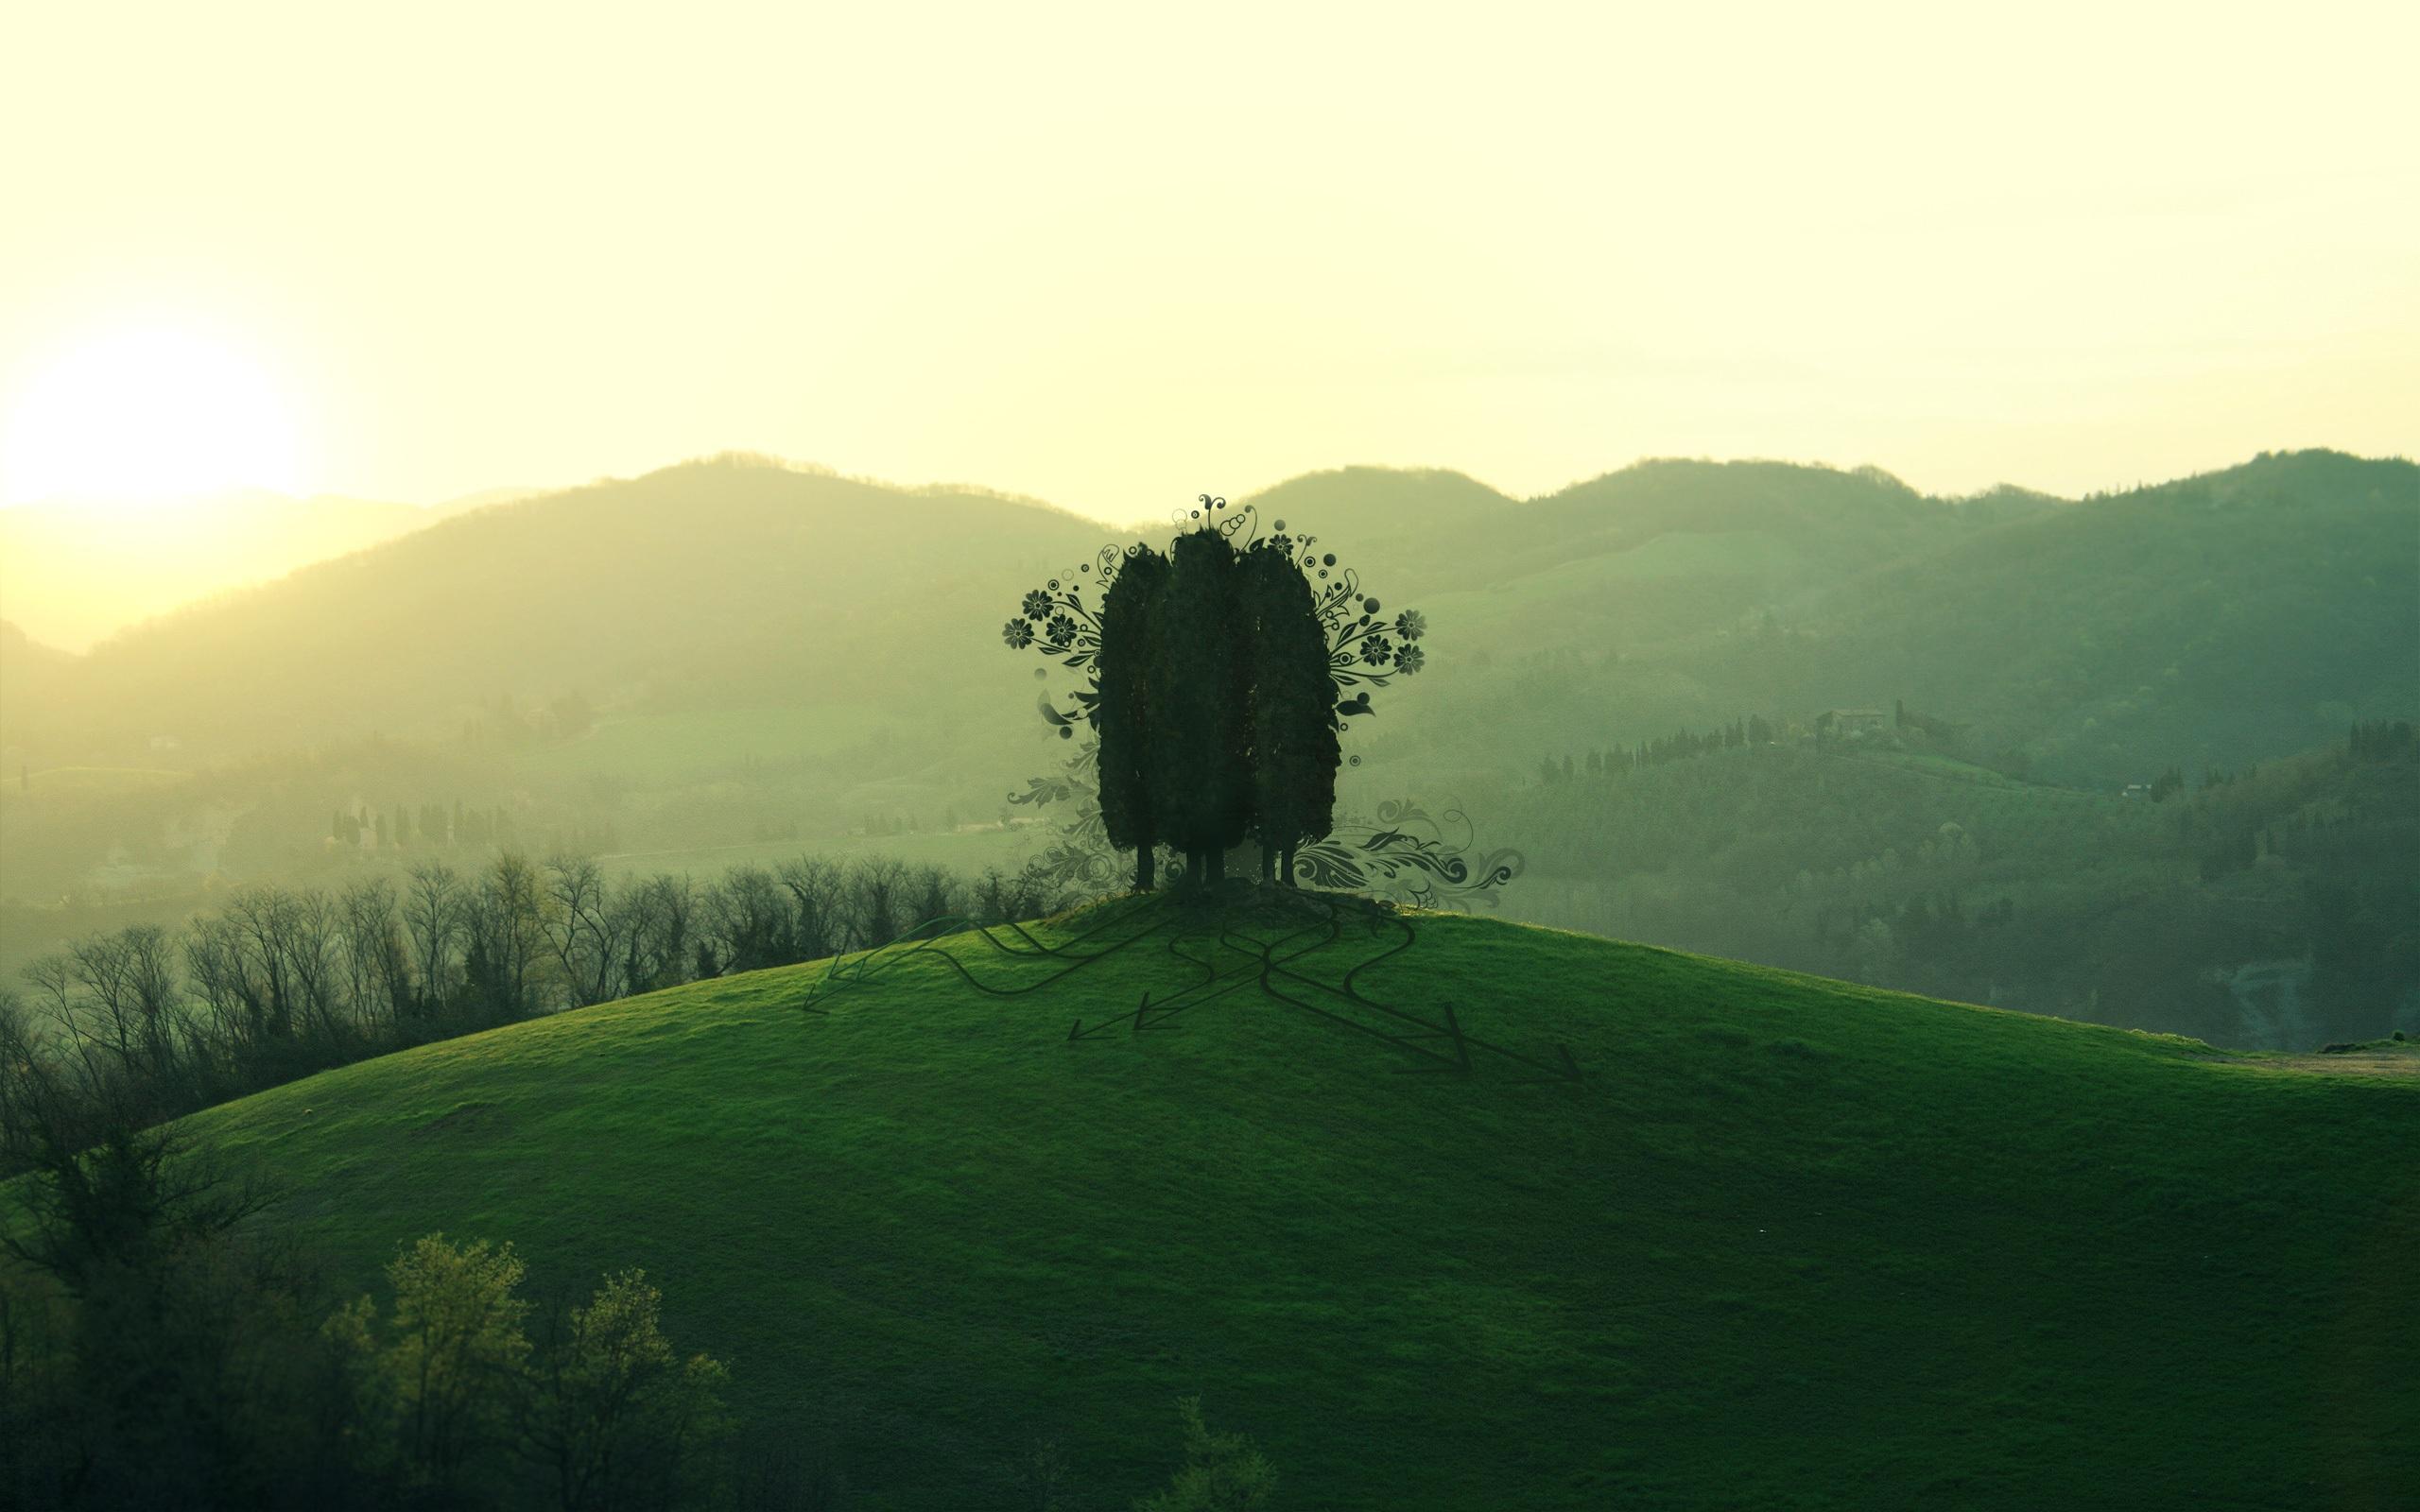 Landschaftsbilder optimieren mit Photoshop - …